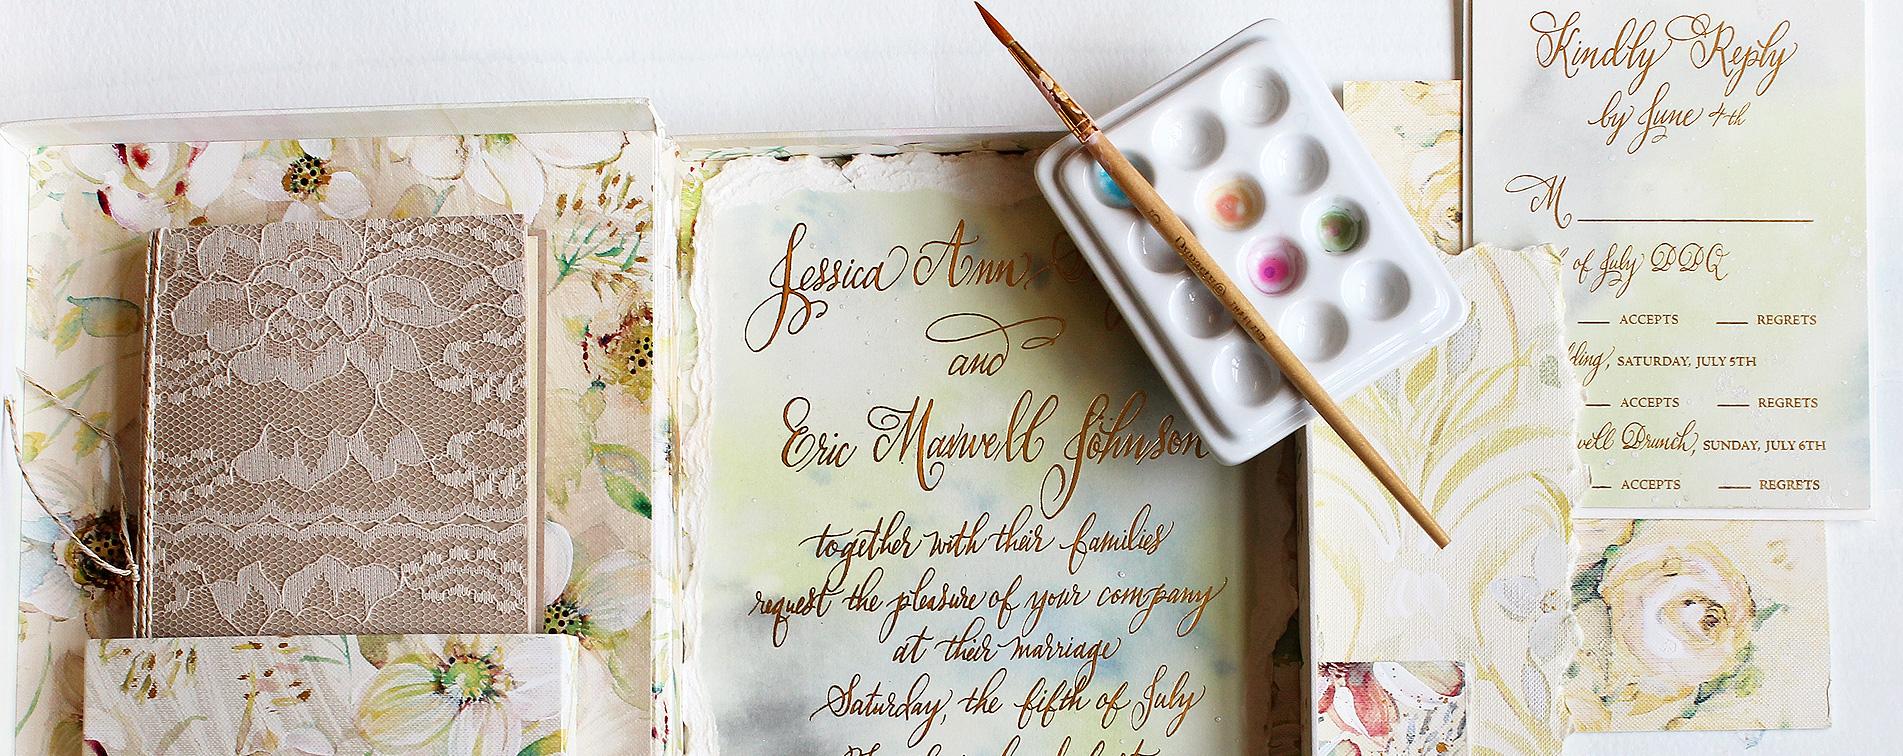 Especial Custom Watercolor Wedding Invitations Momental Watercolor Wedding Invitations Uk Watercolor Wedding Invitations Free wedding invitation Watercolor Wedding Invitations